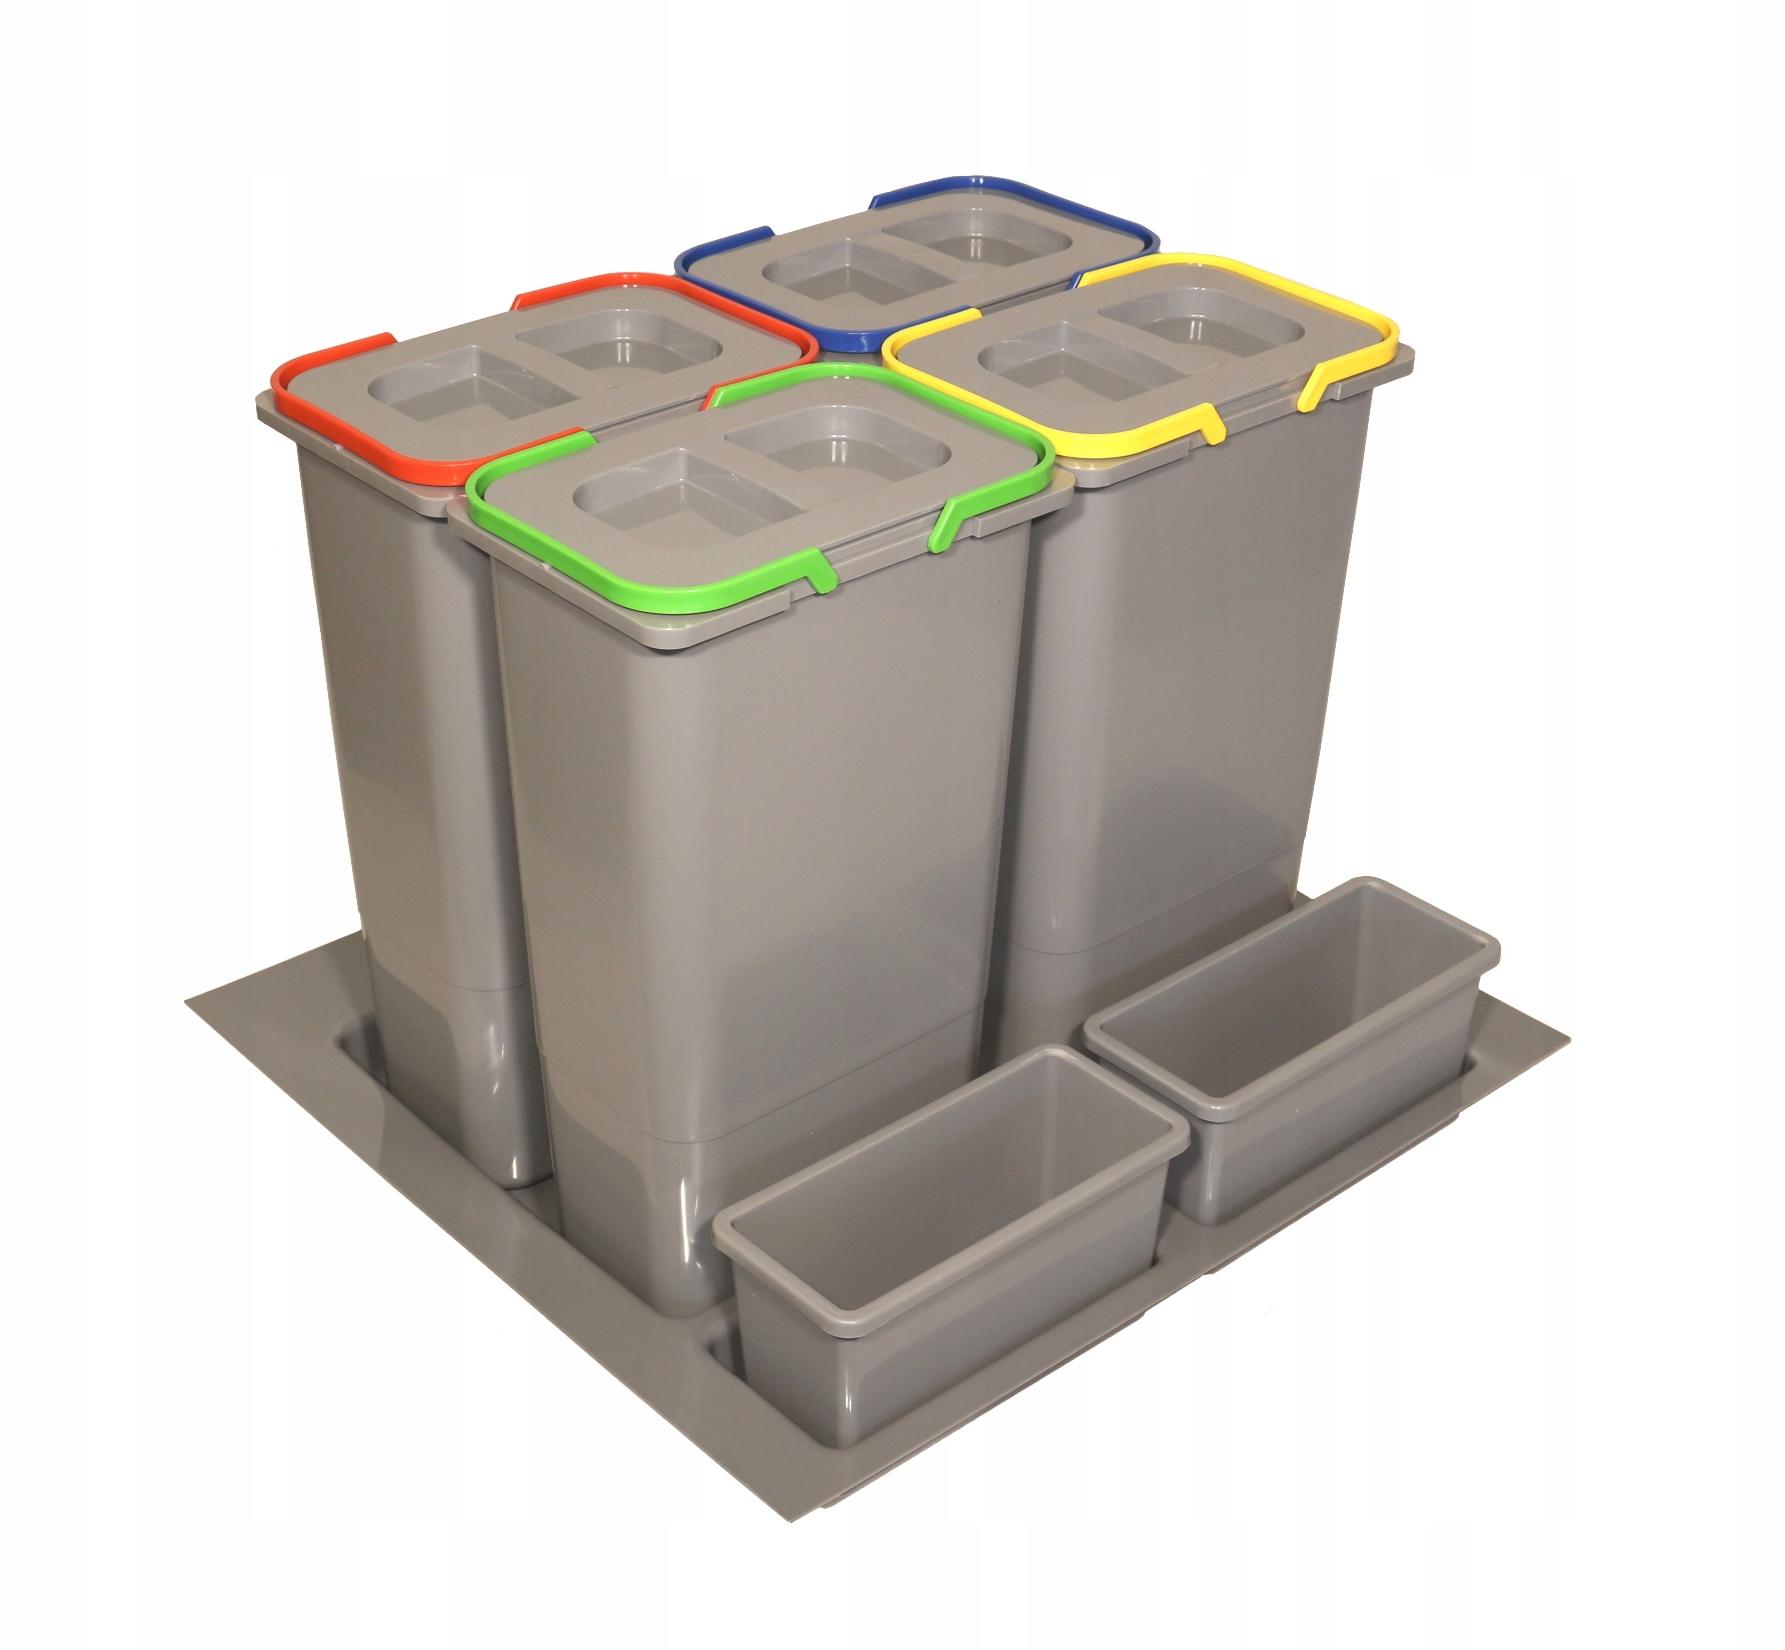 КОРЗИНА для мусора сортировщик в ящик H-400 60 4poj